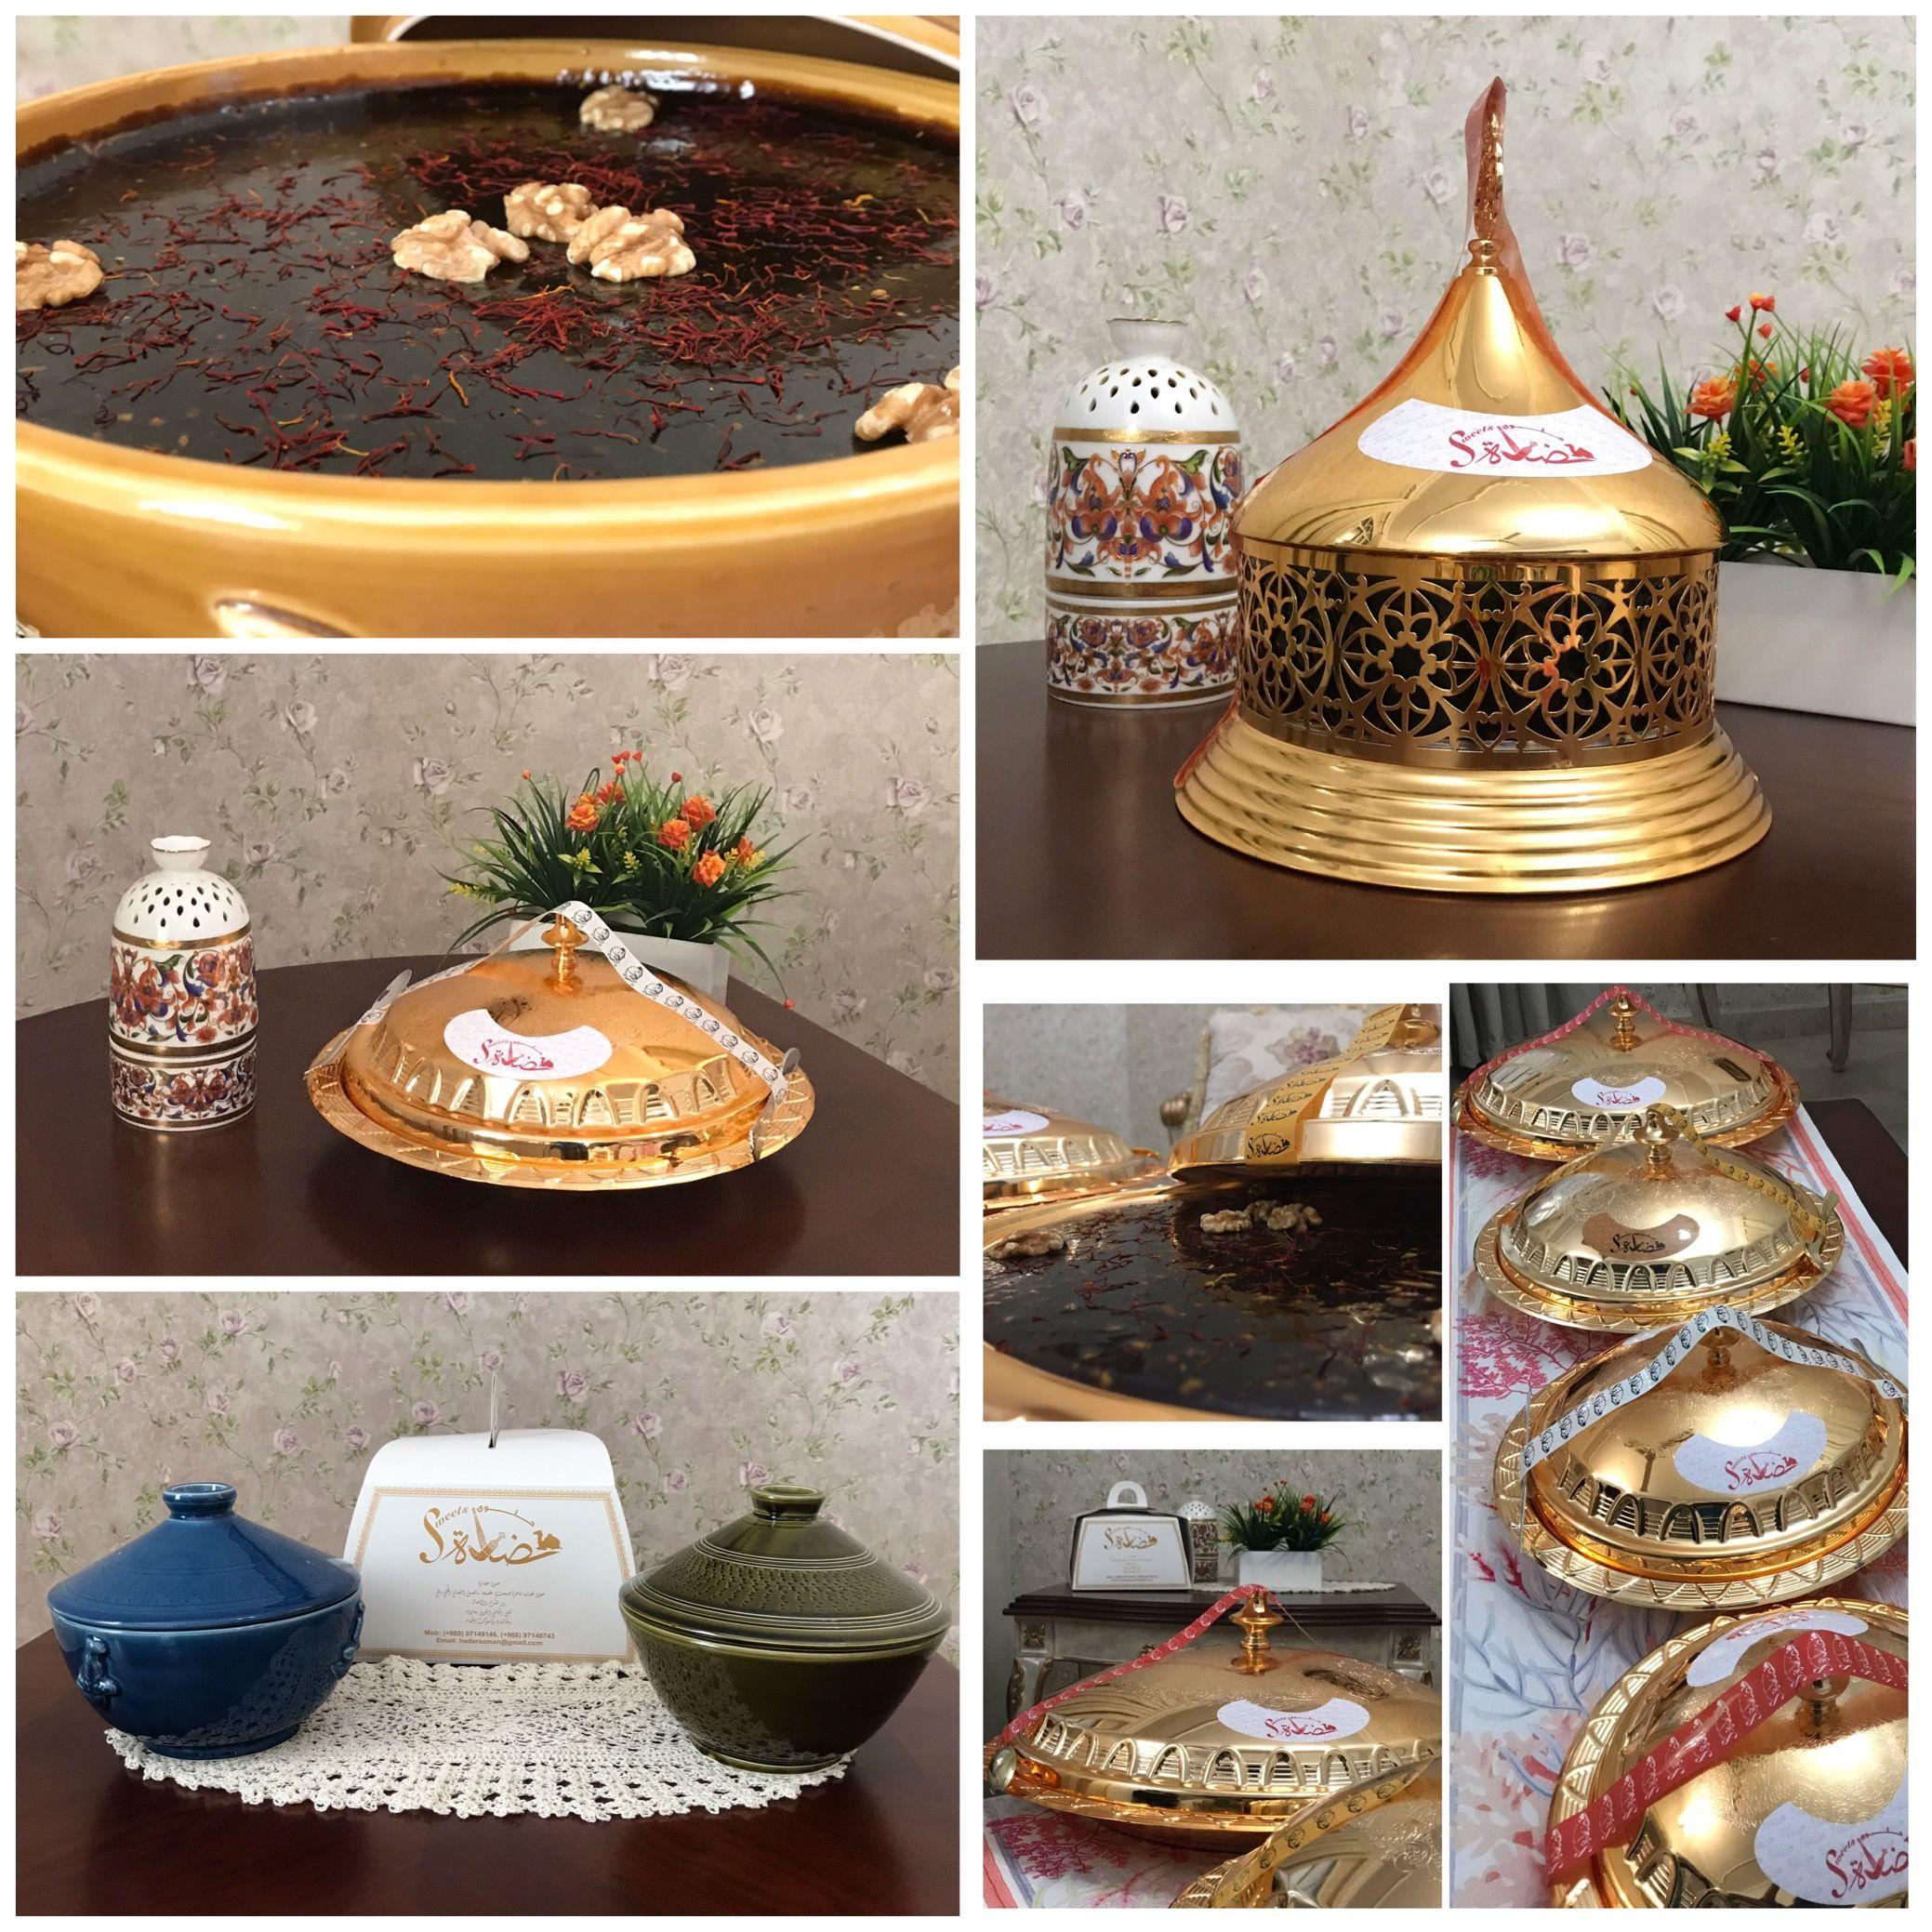 معلومات عن الاإعلان حلوى حضارة حلوى عمانية أصيلة صنعت خصيصا بعسل البرم العماني للاستفسار والطلب اتصال 009689714674 Table Decorations Decor Home Decor